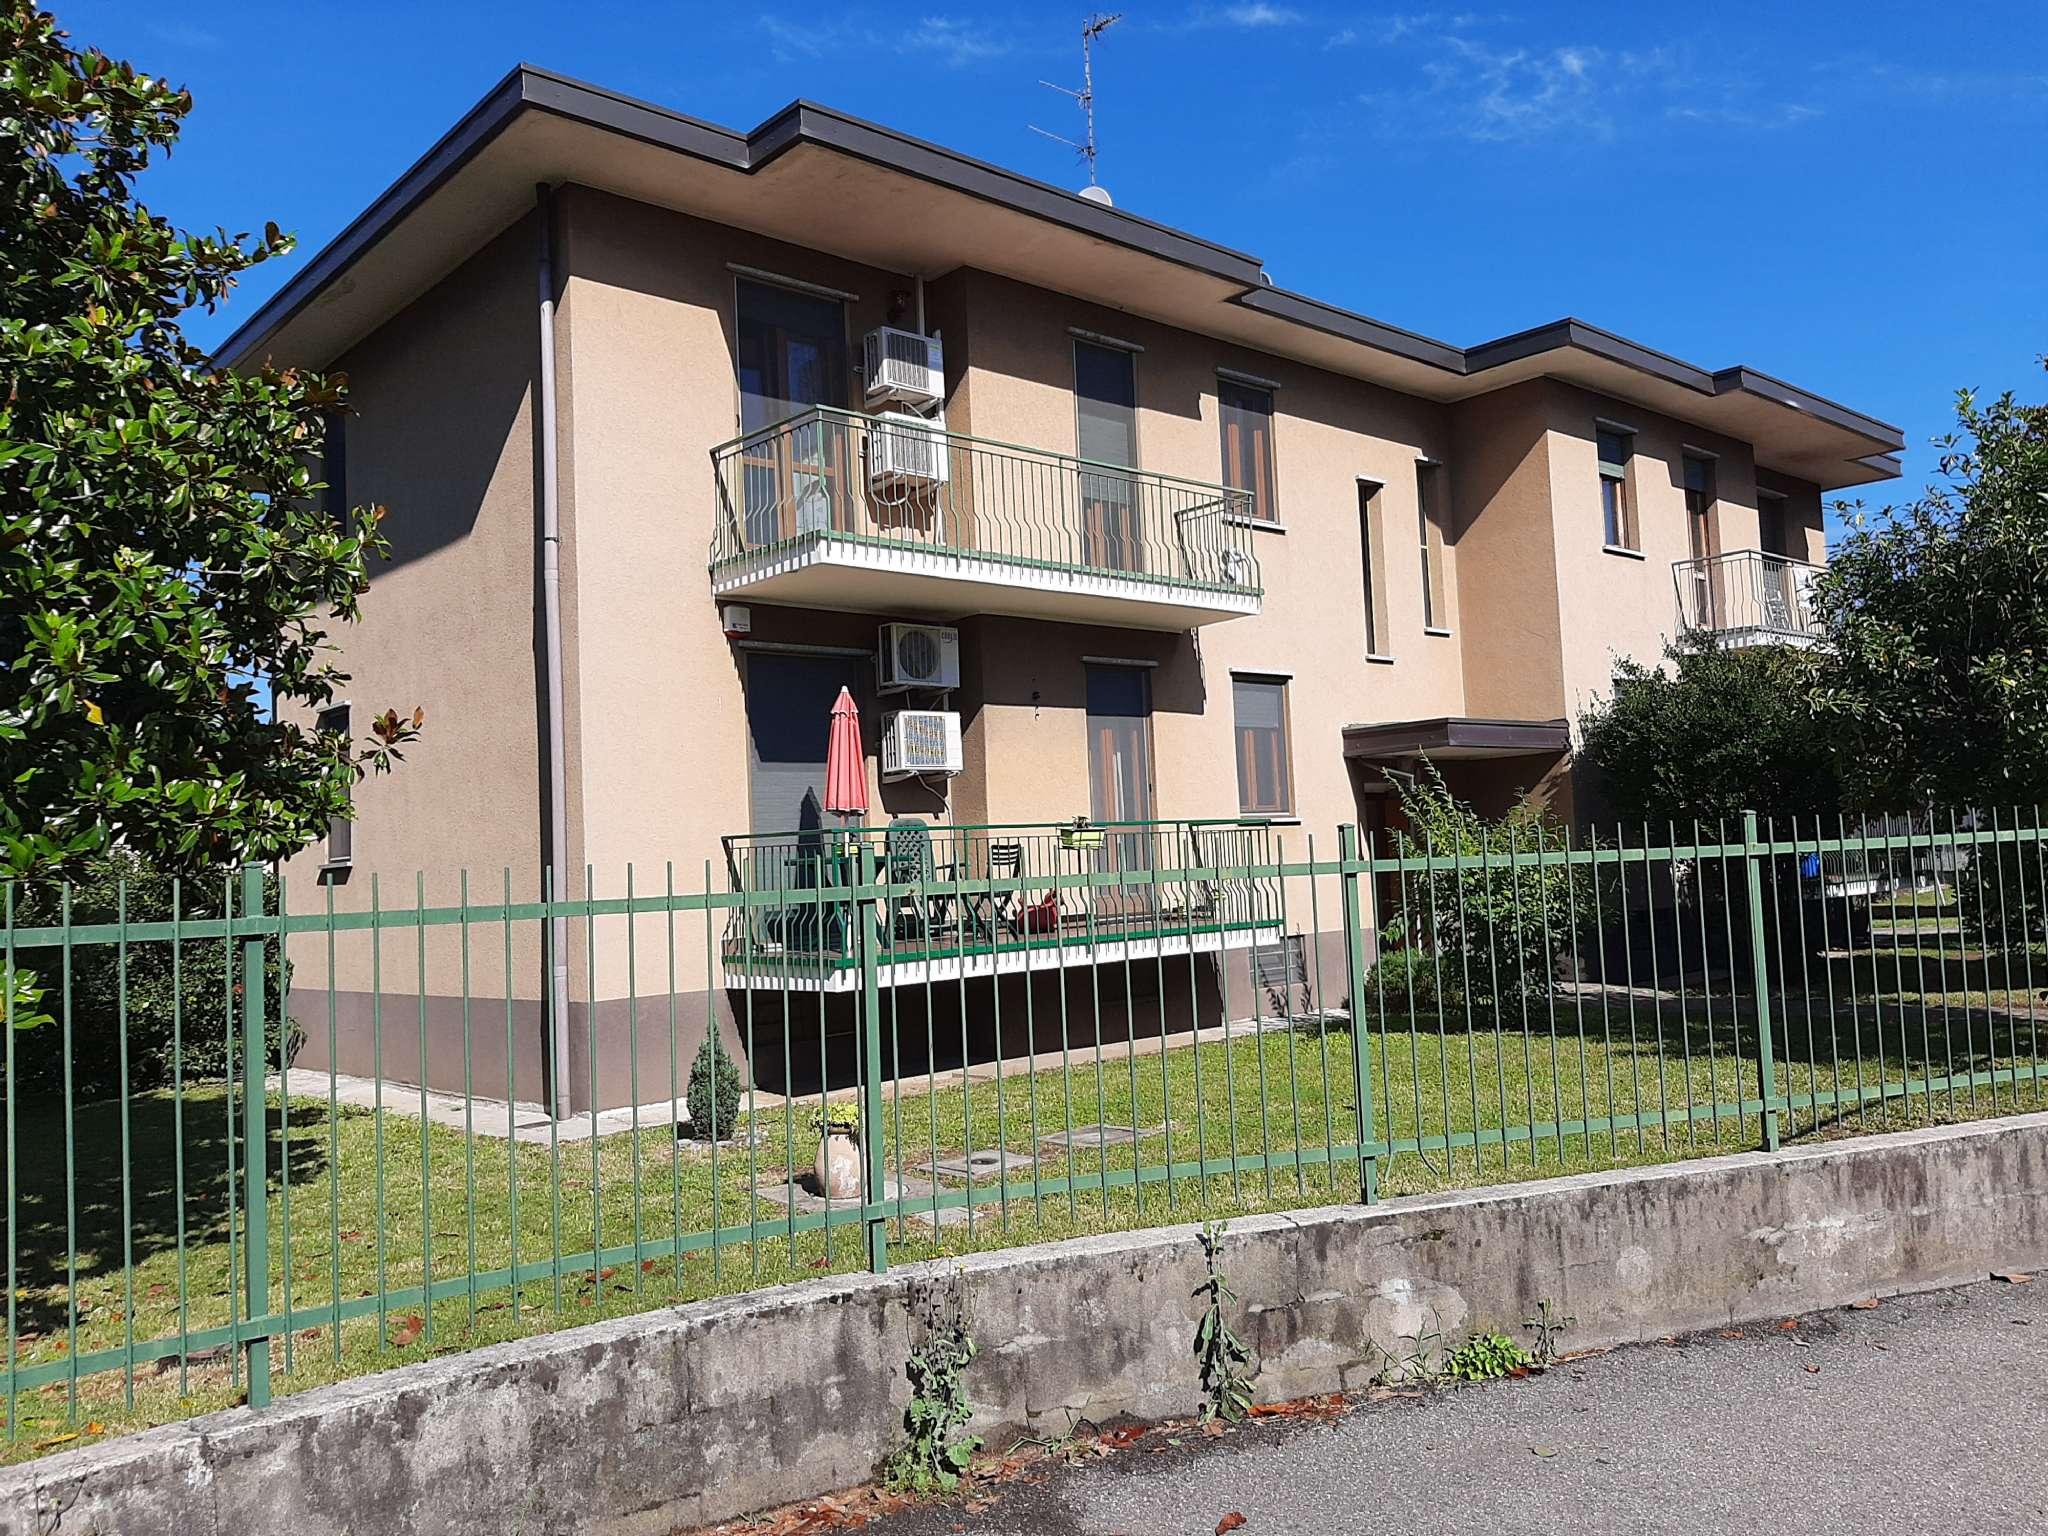 Appartamento in vendita a Mesero, 3 locali, prezzo € 129.000 | PortaleAgenzieImmobiliari.it